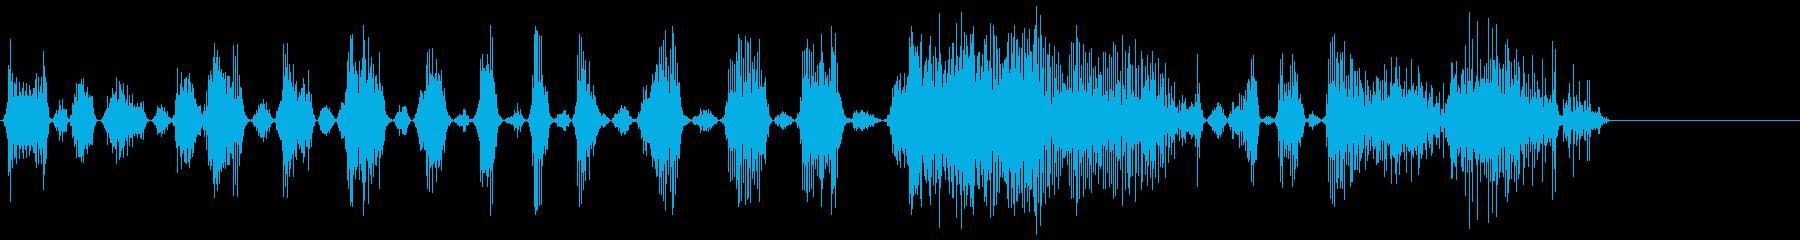 モンスターアングリー3の再生済みの波形